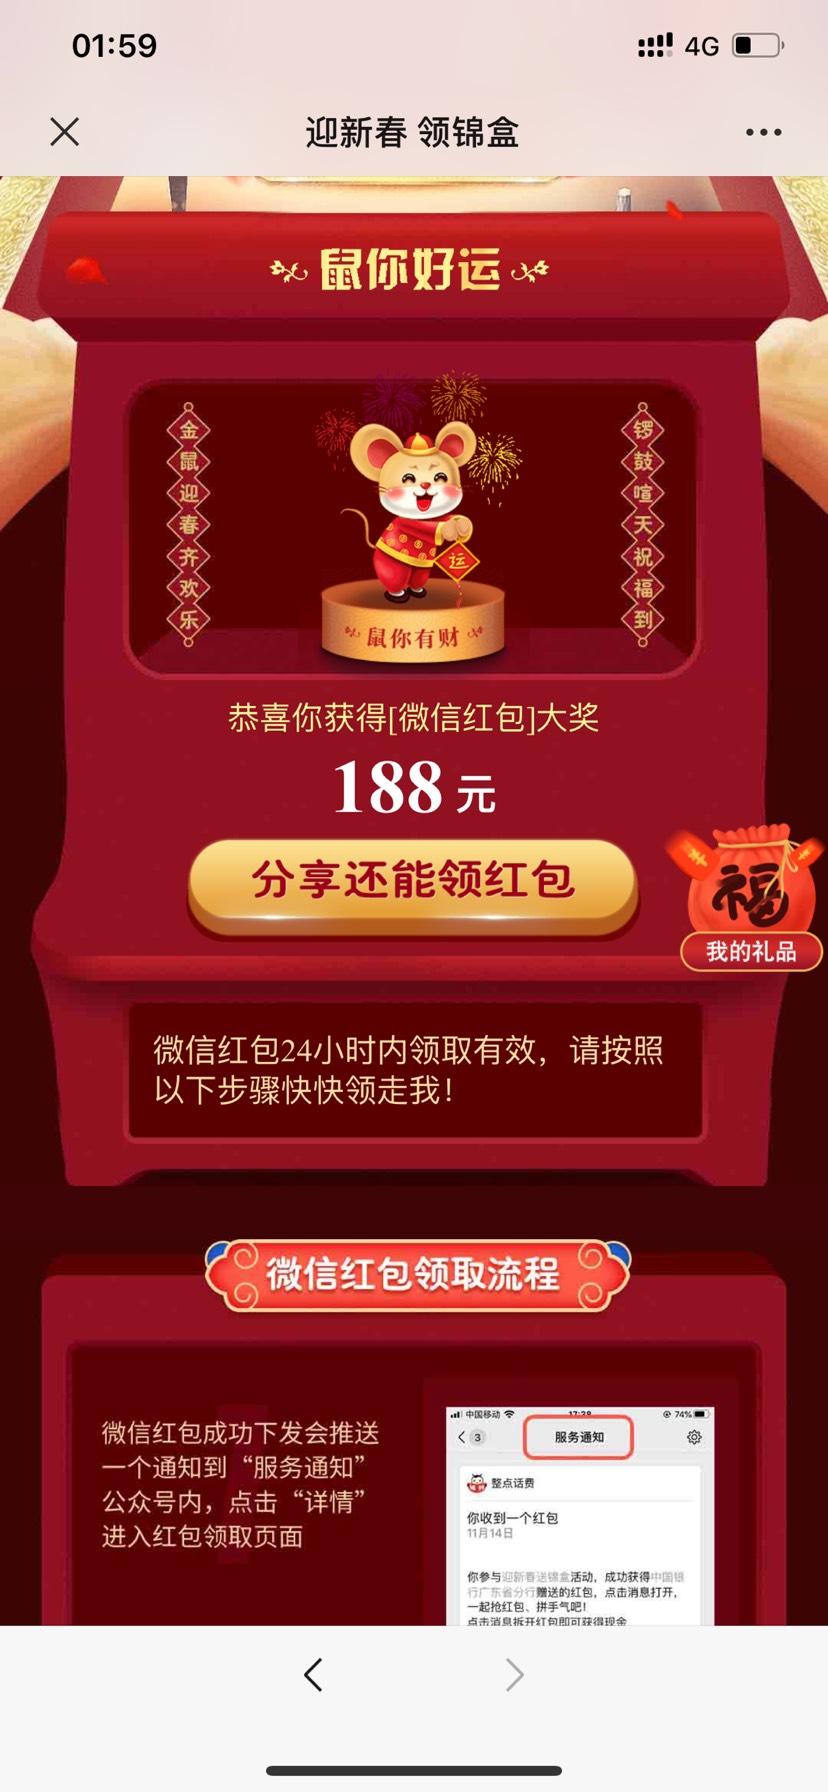 感谢中行的188-惠小助(52huixz.com)